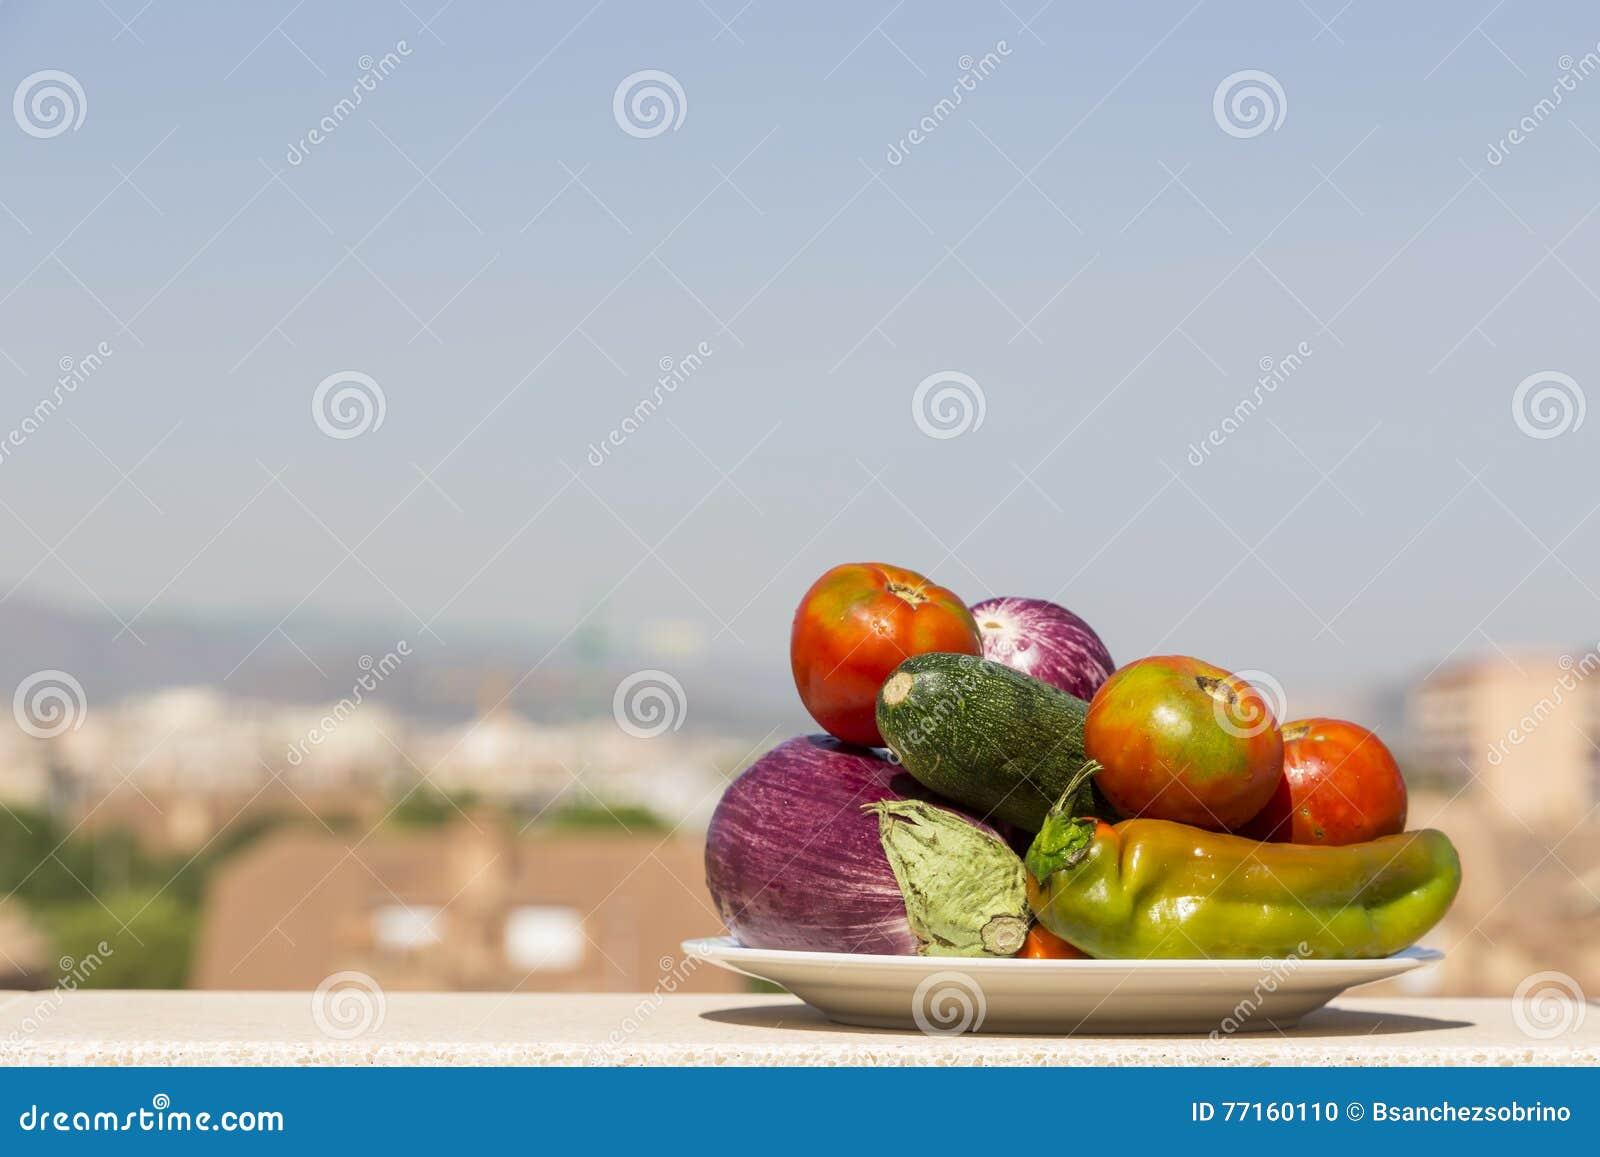 Plat avec des légumes et la ville à l arrière-plan